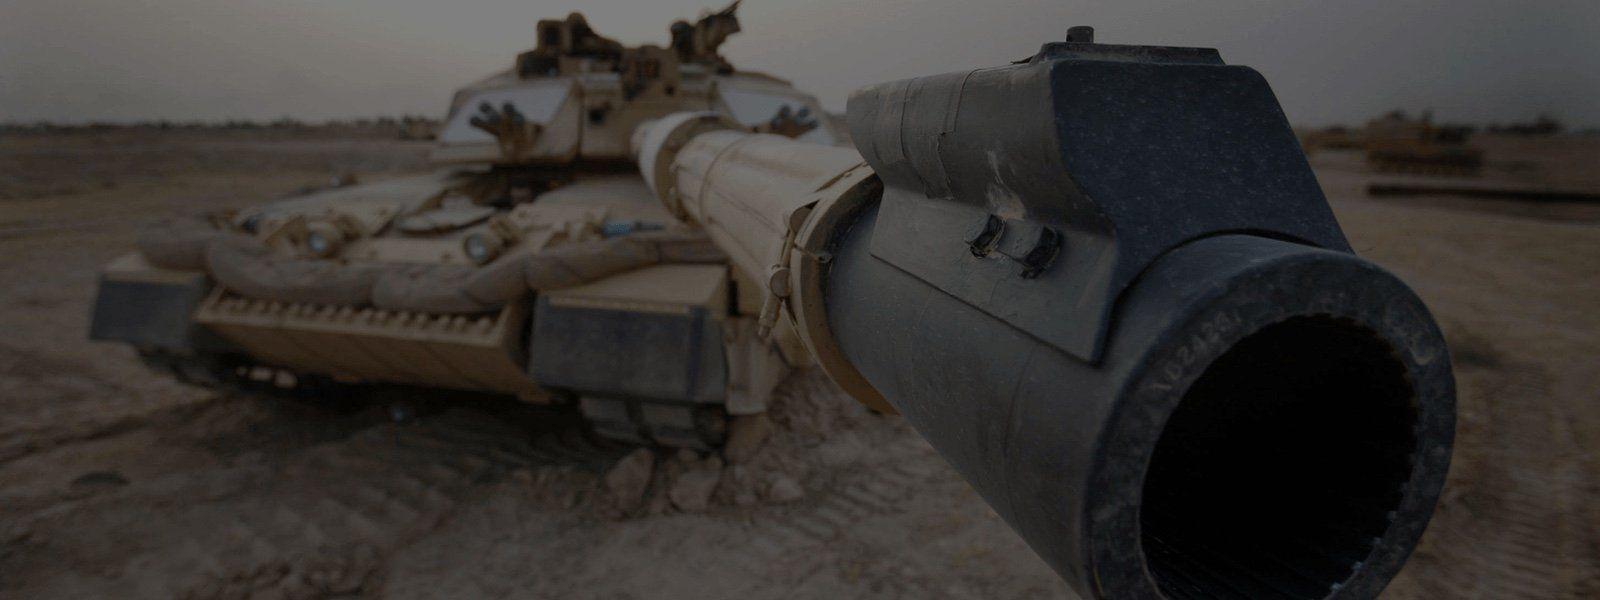 Tank BG